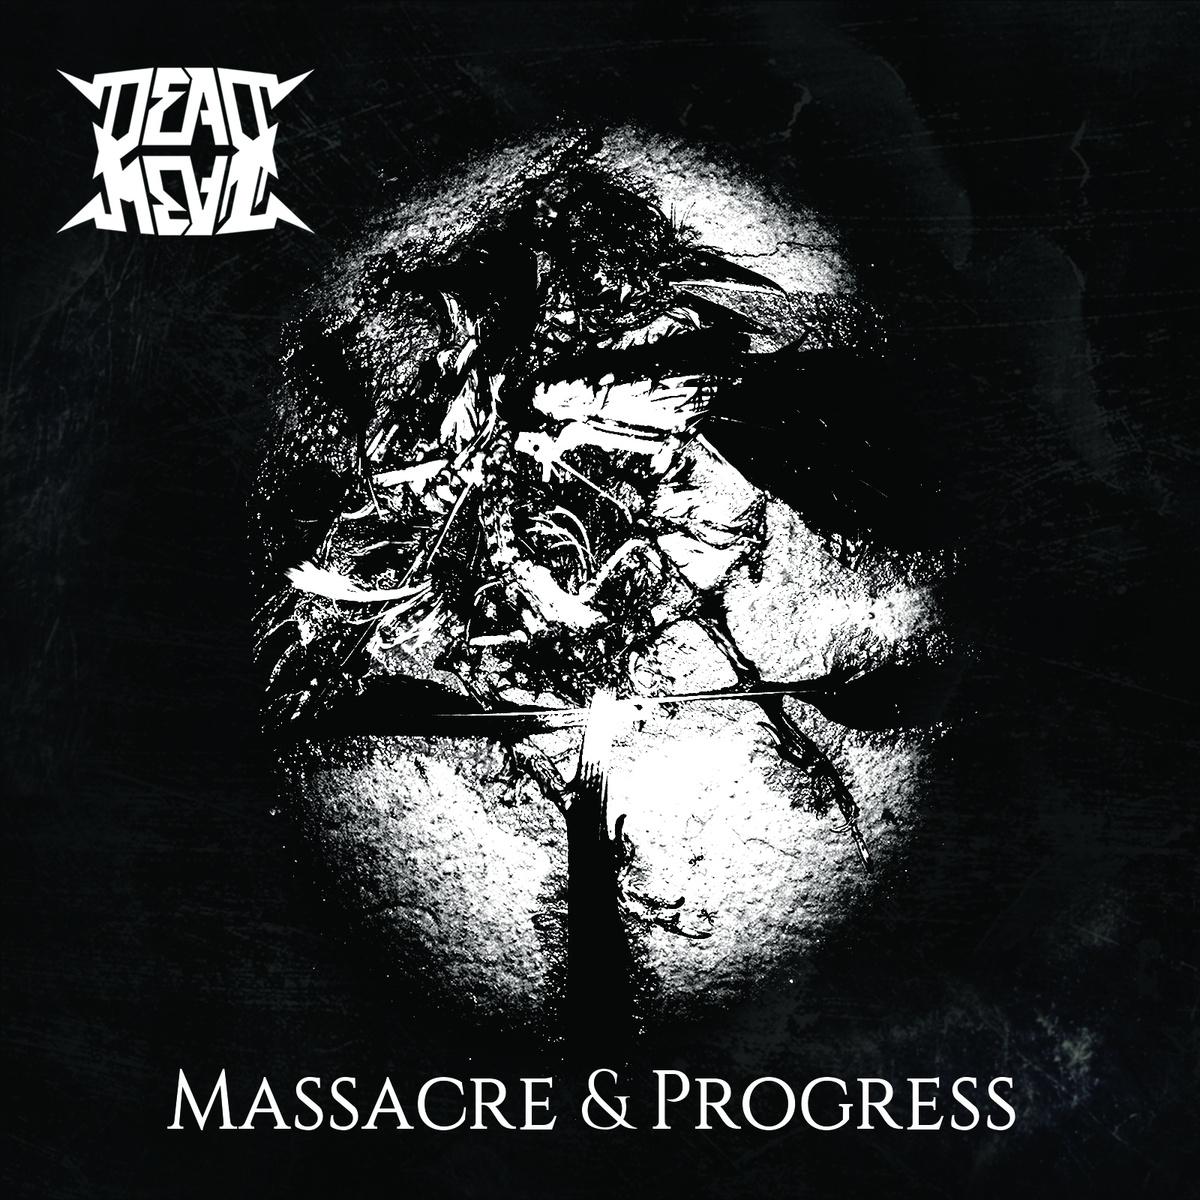 Teen massacre online ep